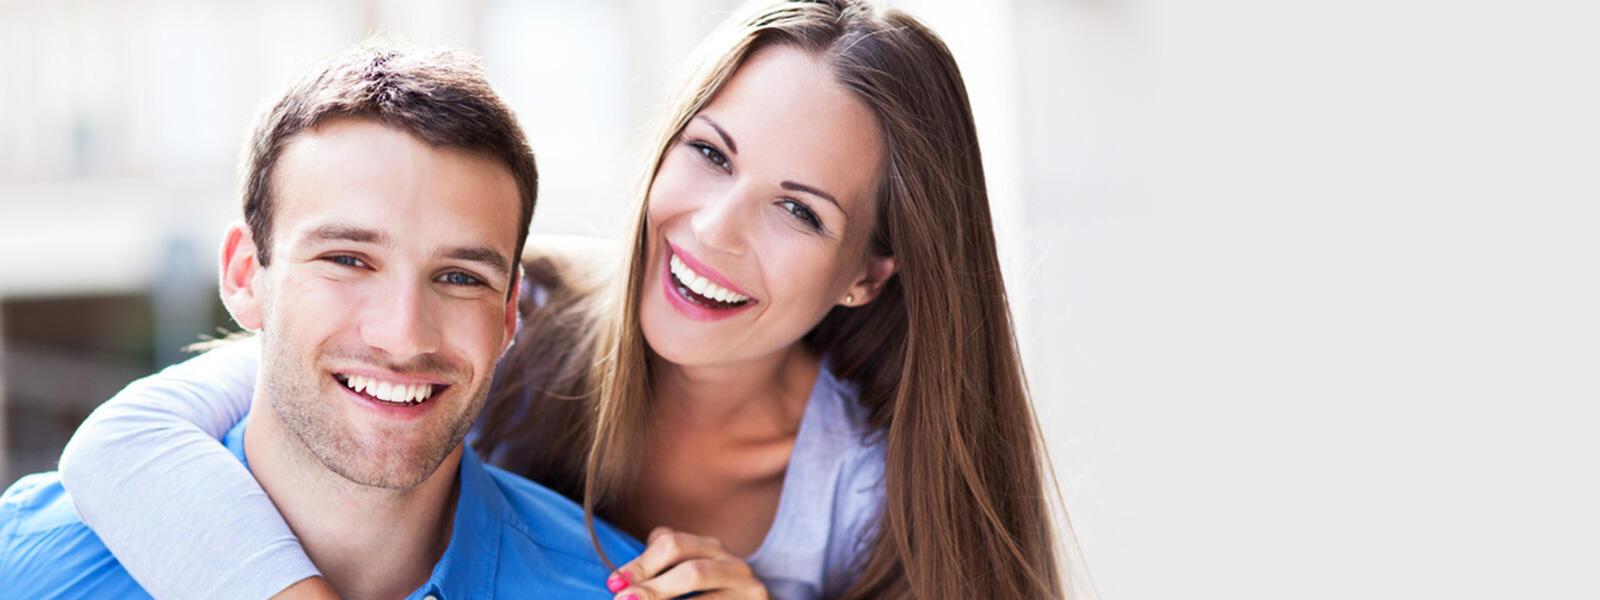 femme enlaçant un homme vêtu d'une chemise bleue